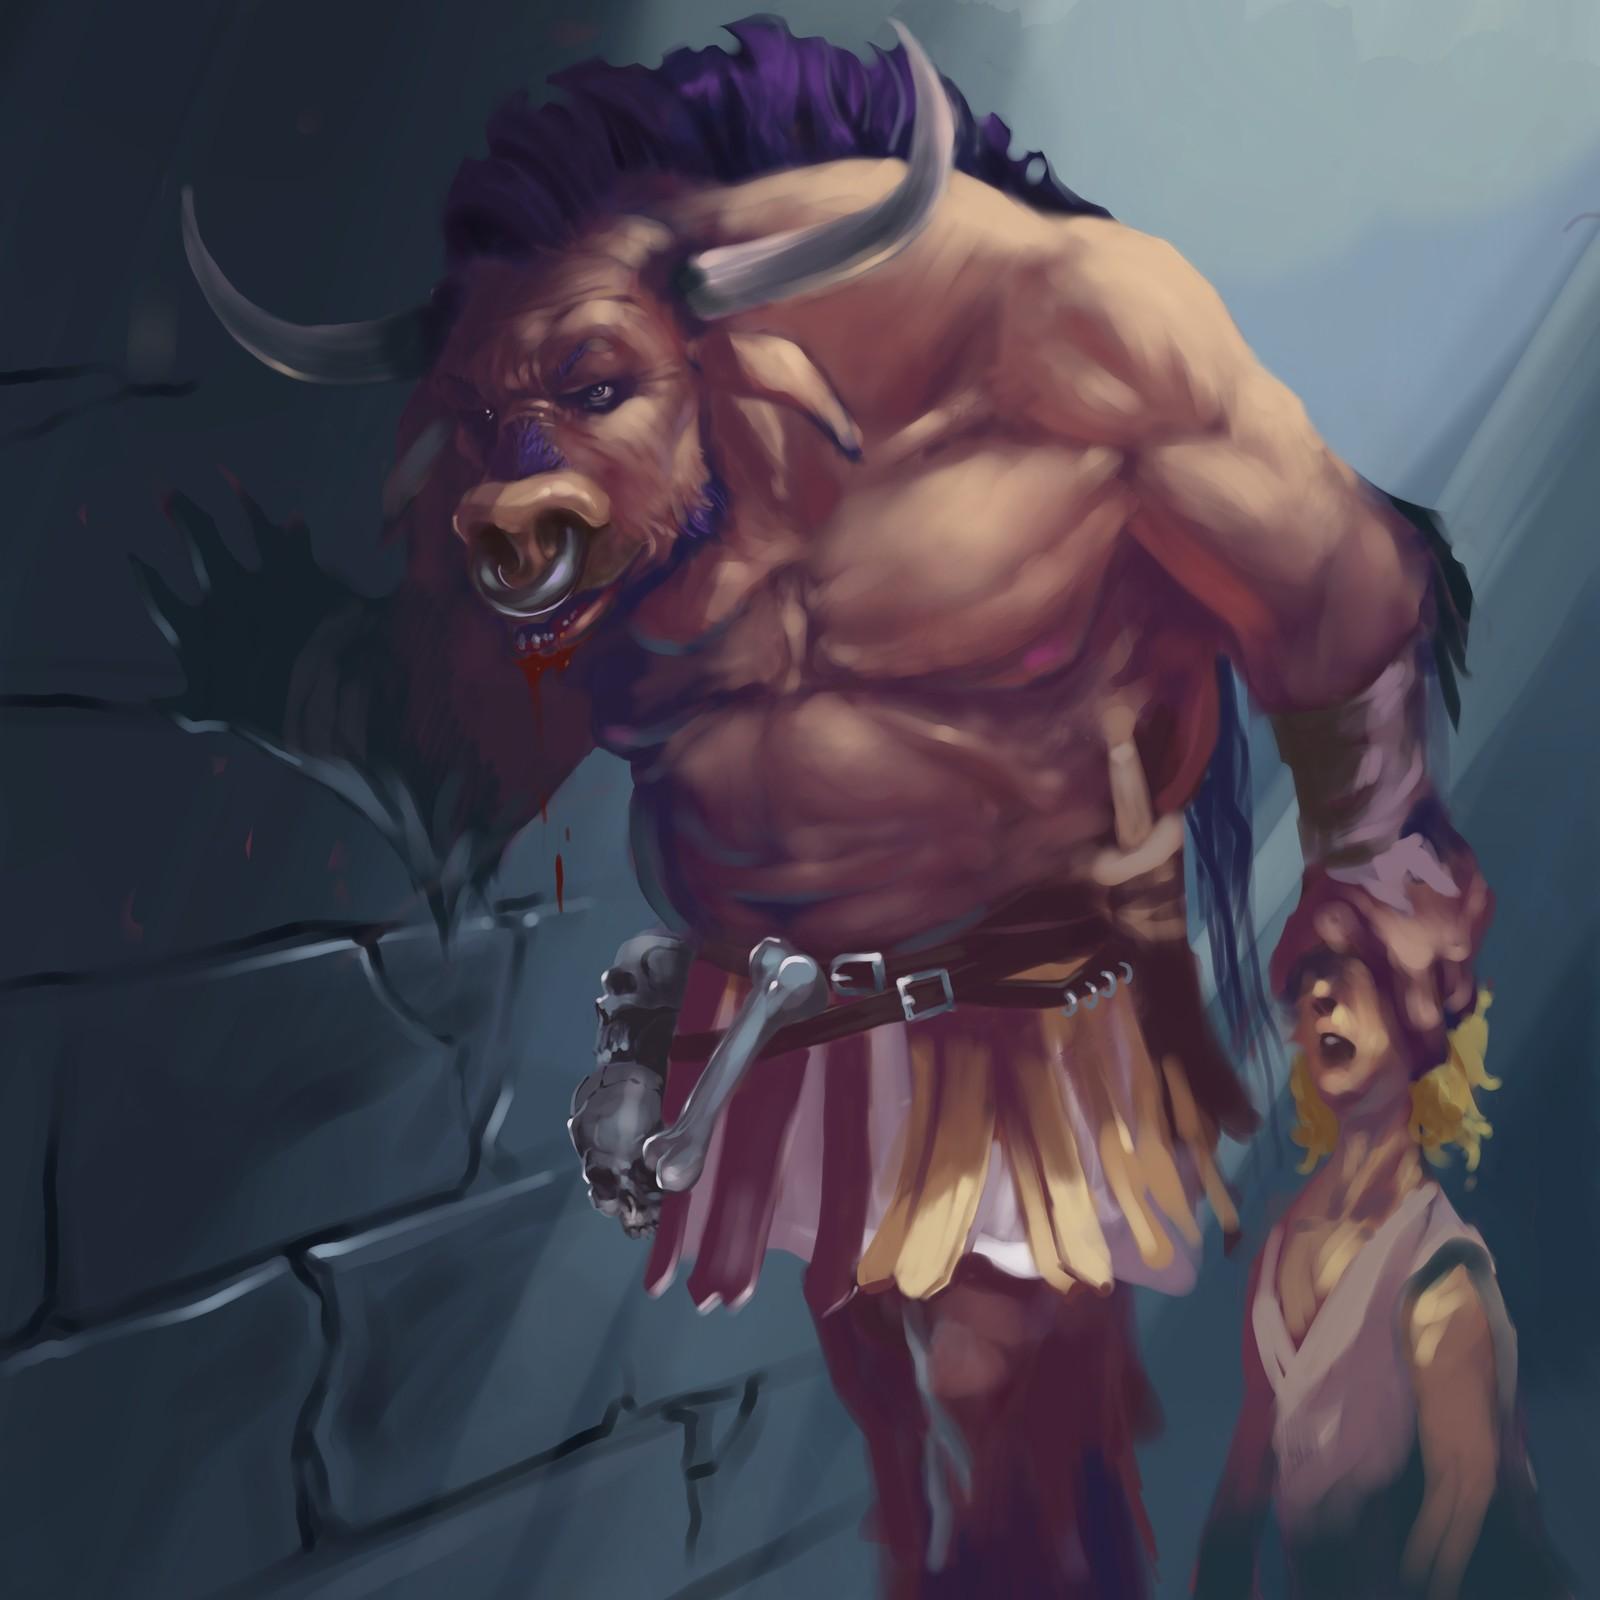 Minotaur rough